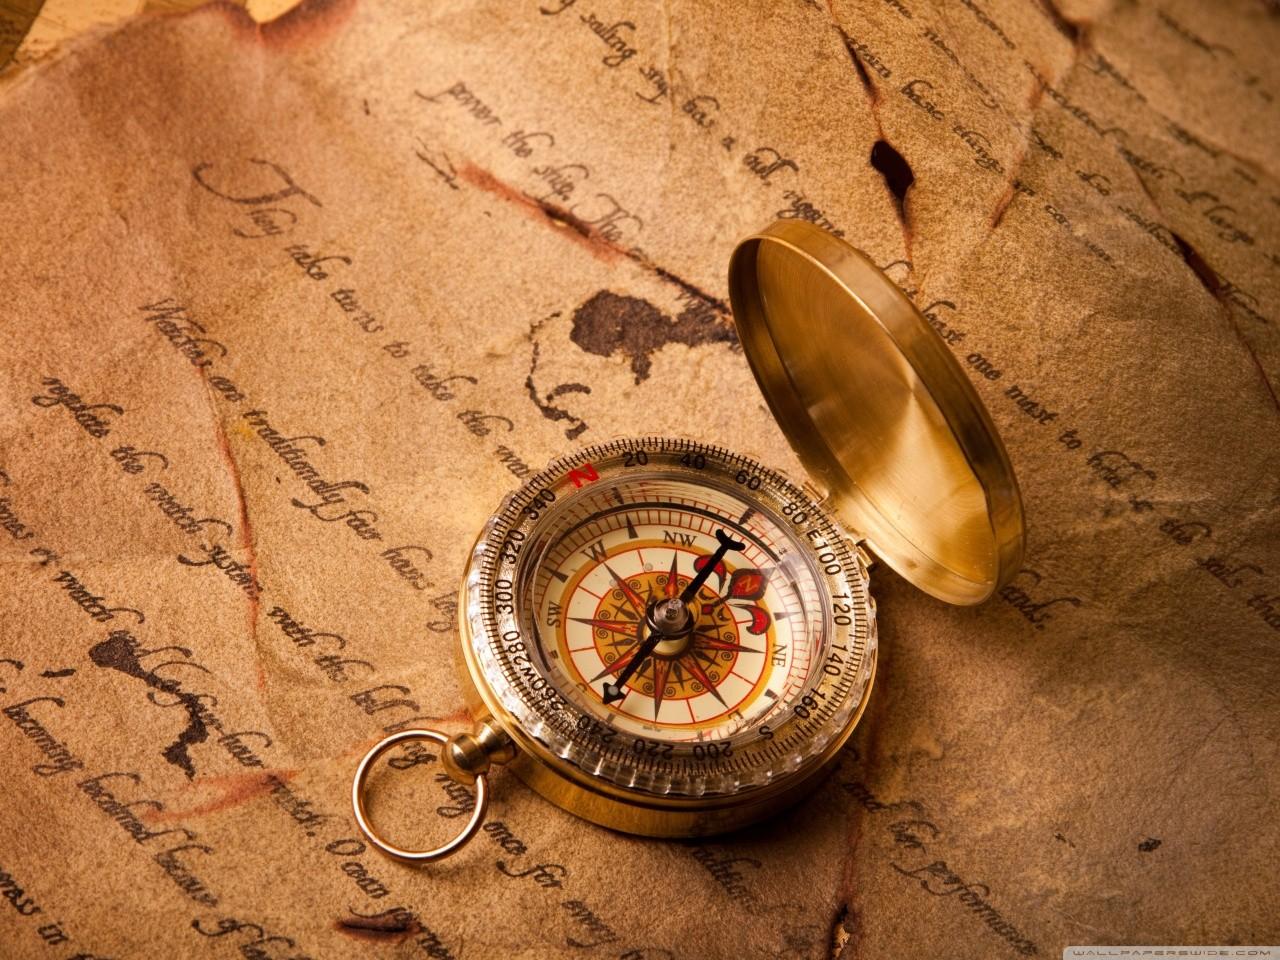 compass-wallpaper-1280x960 Tarih kitapları Haçlıların en büyük zaferidir